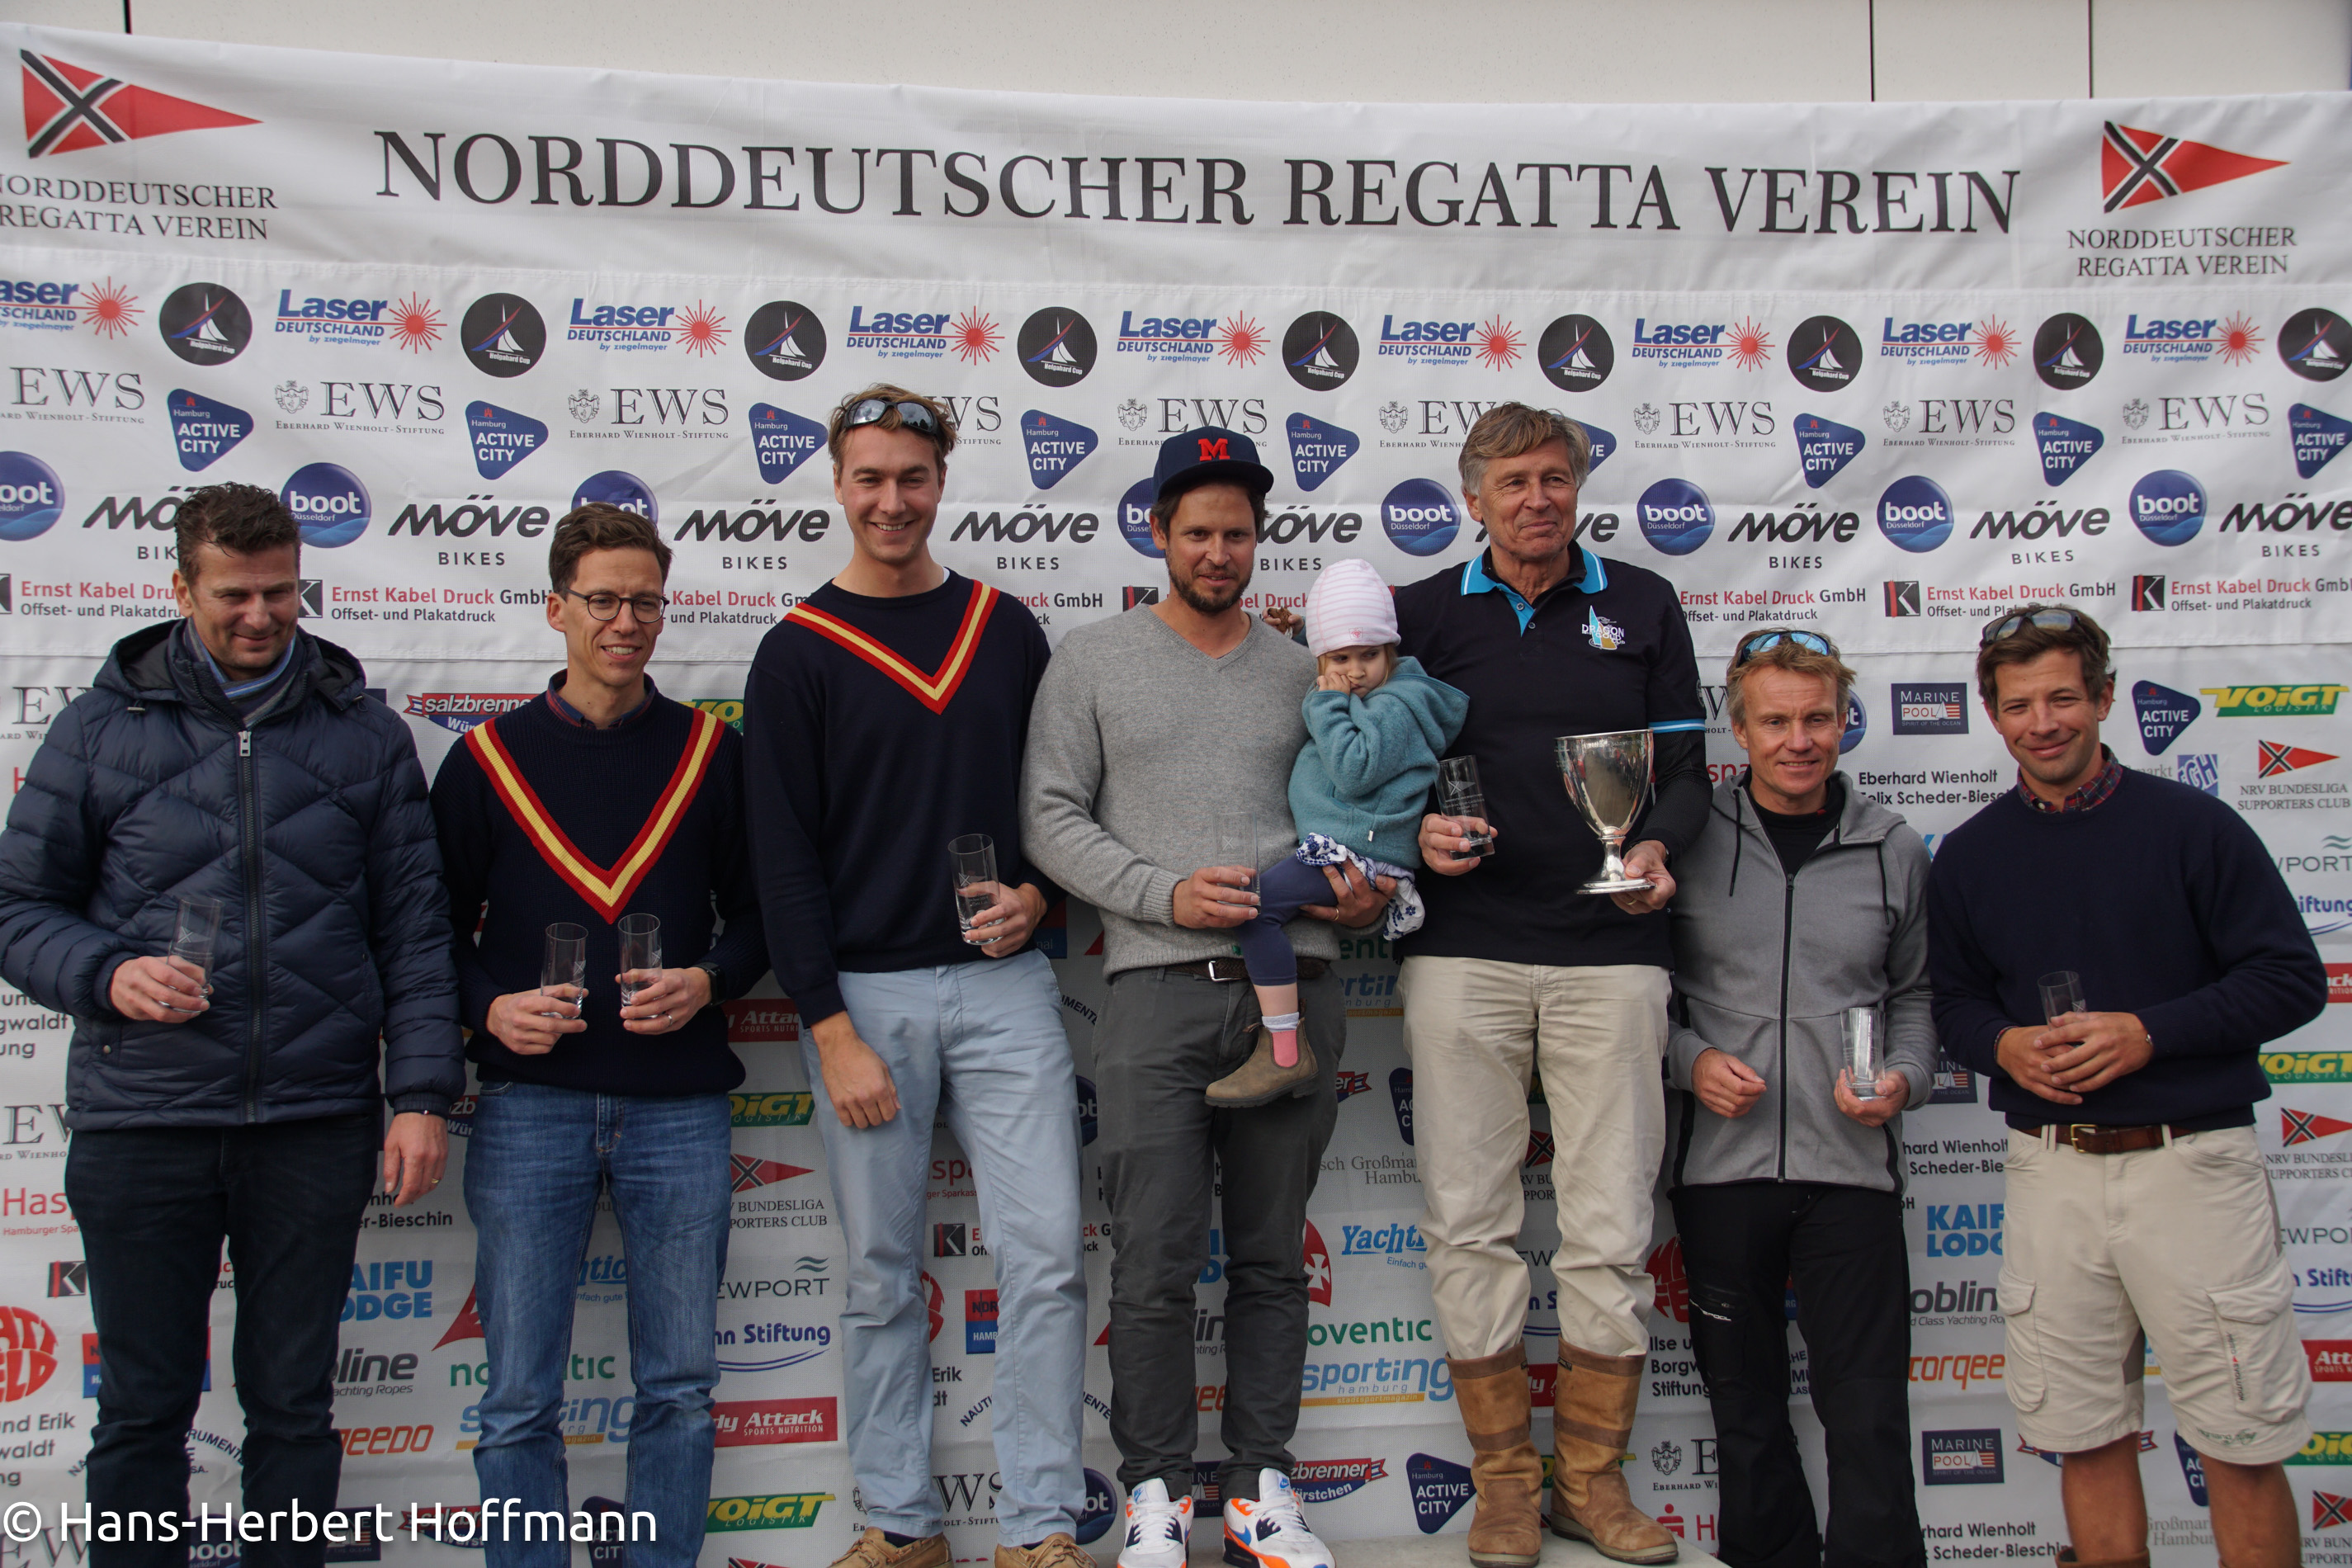 Das Podest der Drachen - Michael Koch, Tobias Brinkmann, Johannes Berg, Benjamin und Karl Morgen, Jan Woortman, Tim Tröber